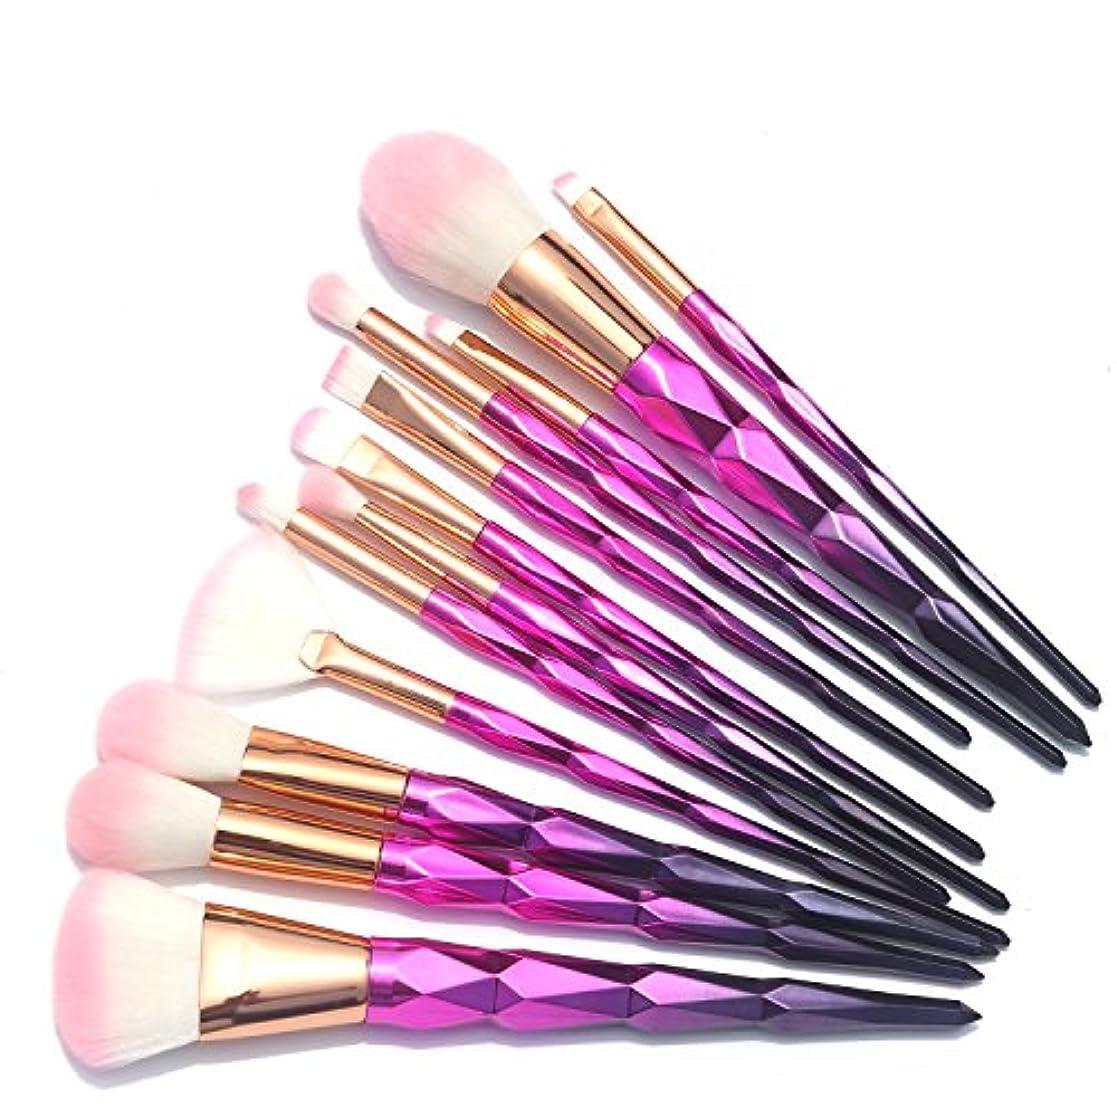 優雅尋ねるシャワーAiceBeu 12本メイクブラシセッ 化粧用ブラシ